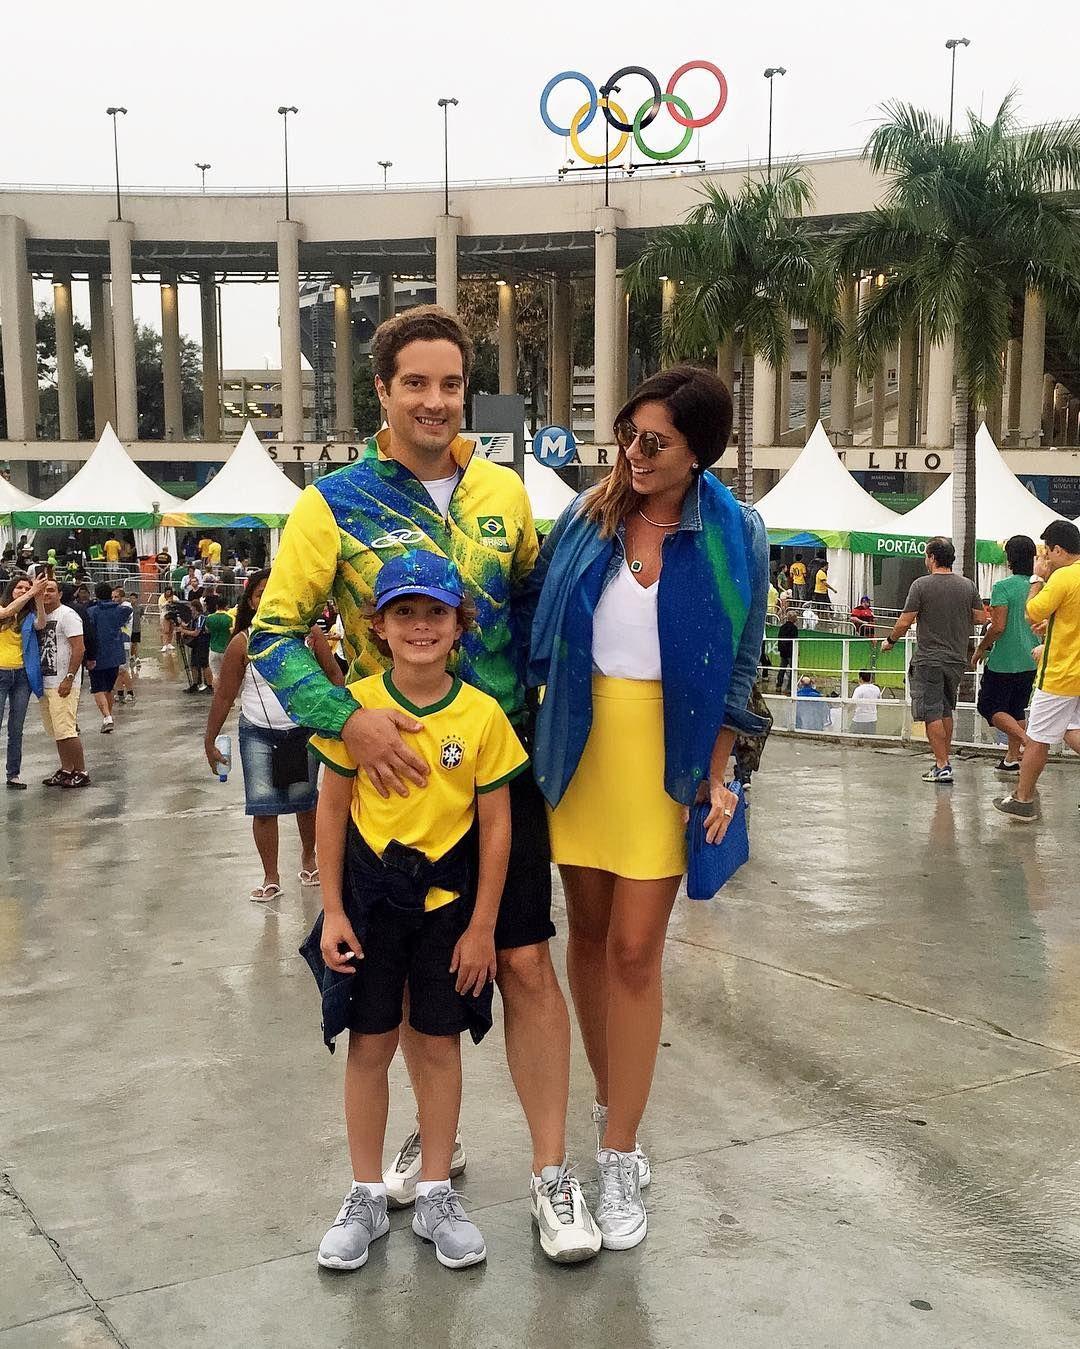 Família pé quente  #myboys #muitoamor #olympics #olimpiadas2016 #rio2016